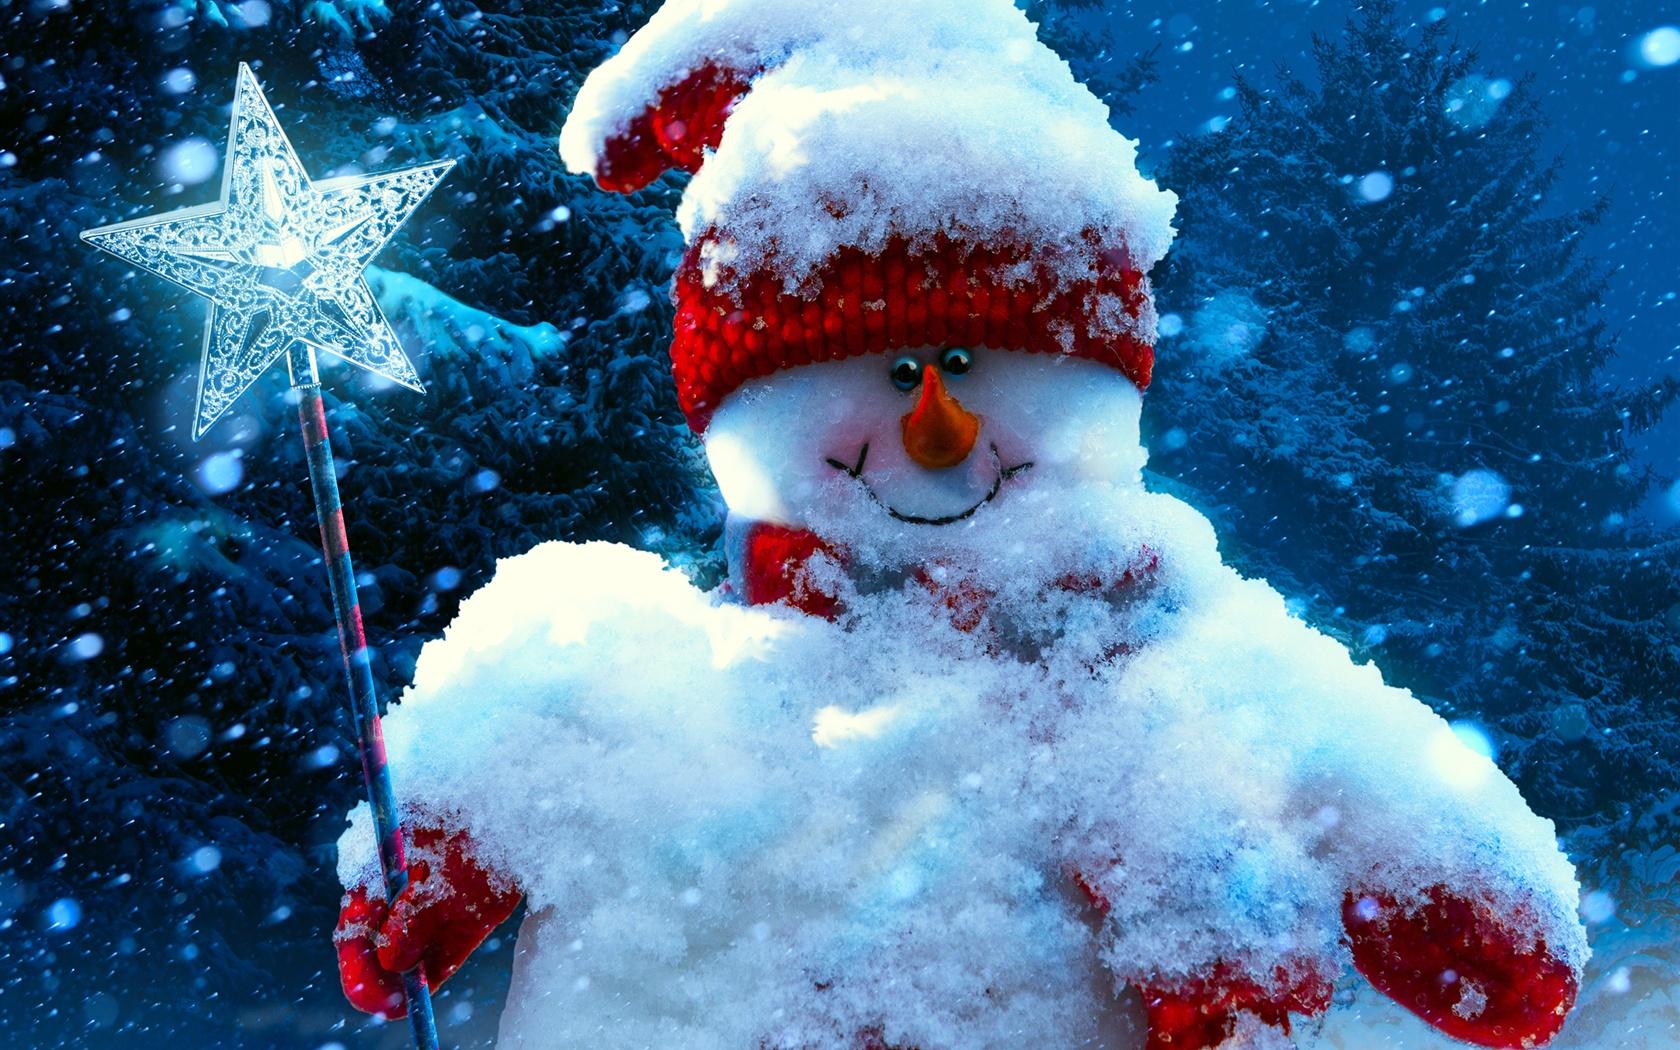 новый год зима картинки организации, занимающиеся хранением